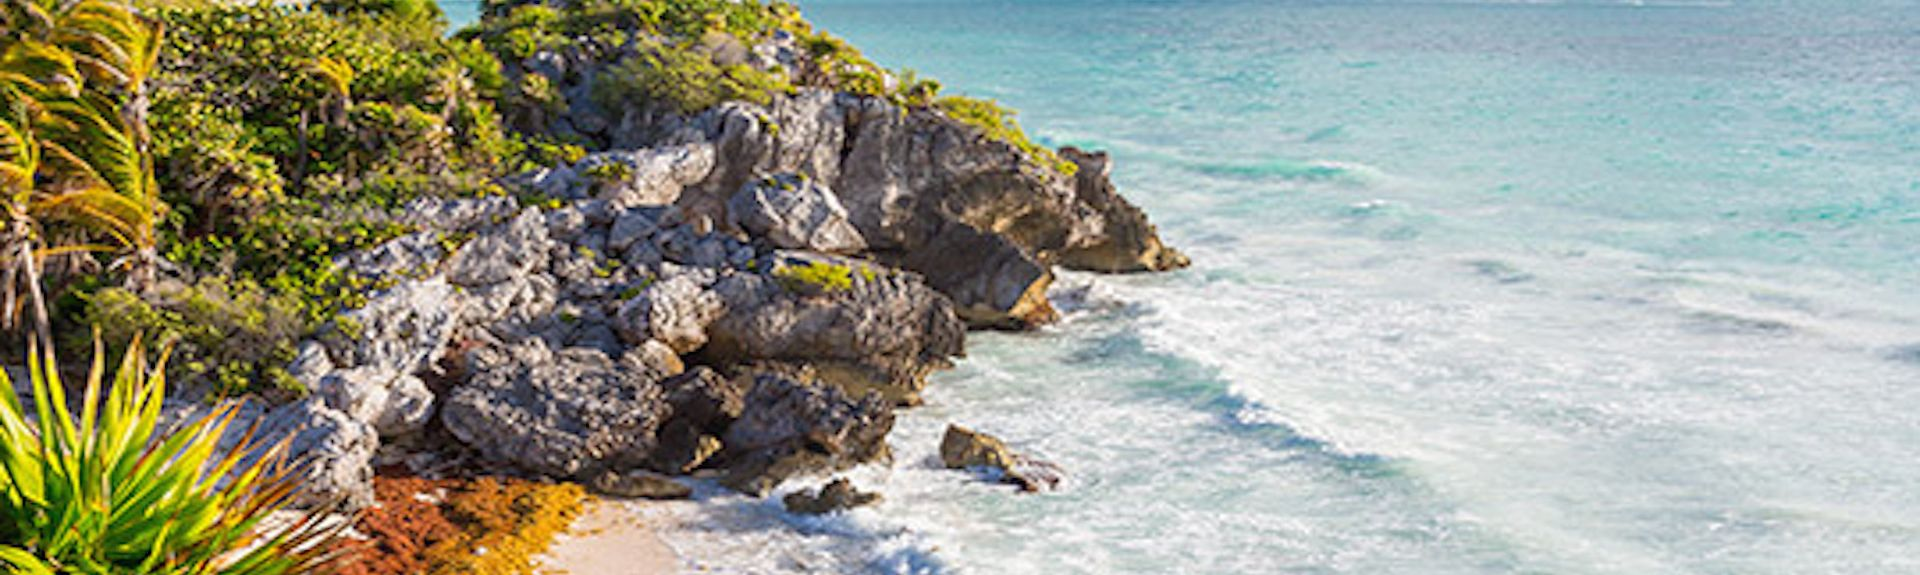 Grand Luxxe Riviera Maya (Playa del Carmen, Quintana Roo, Mexique)